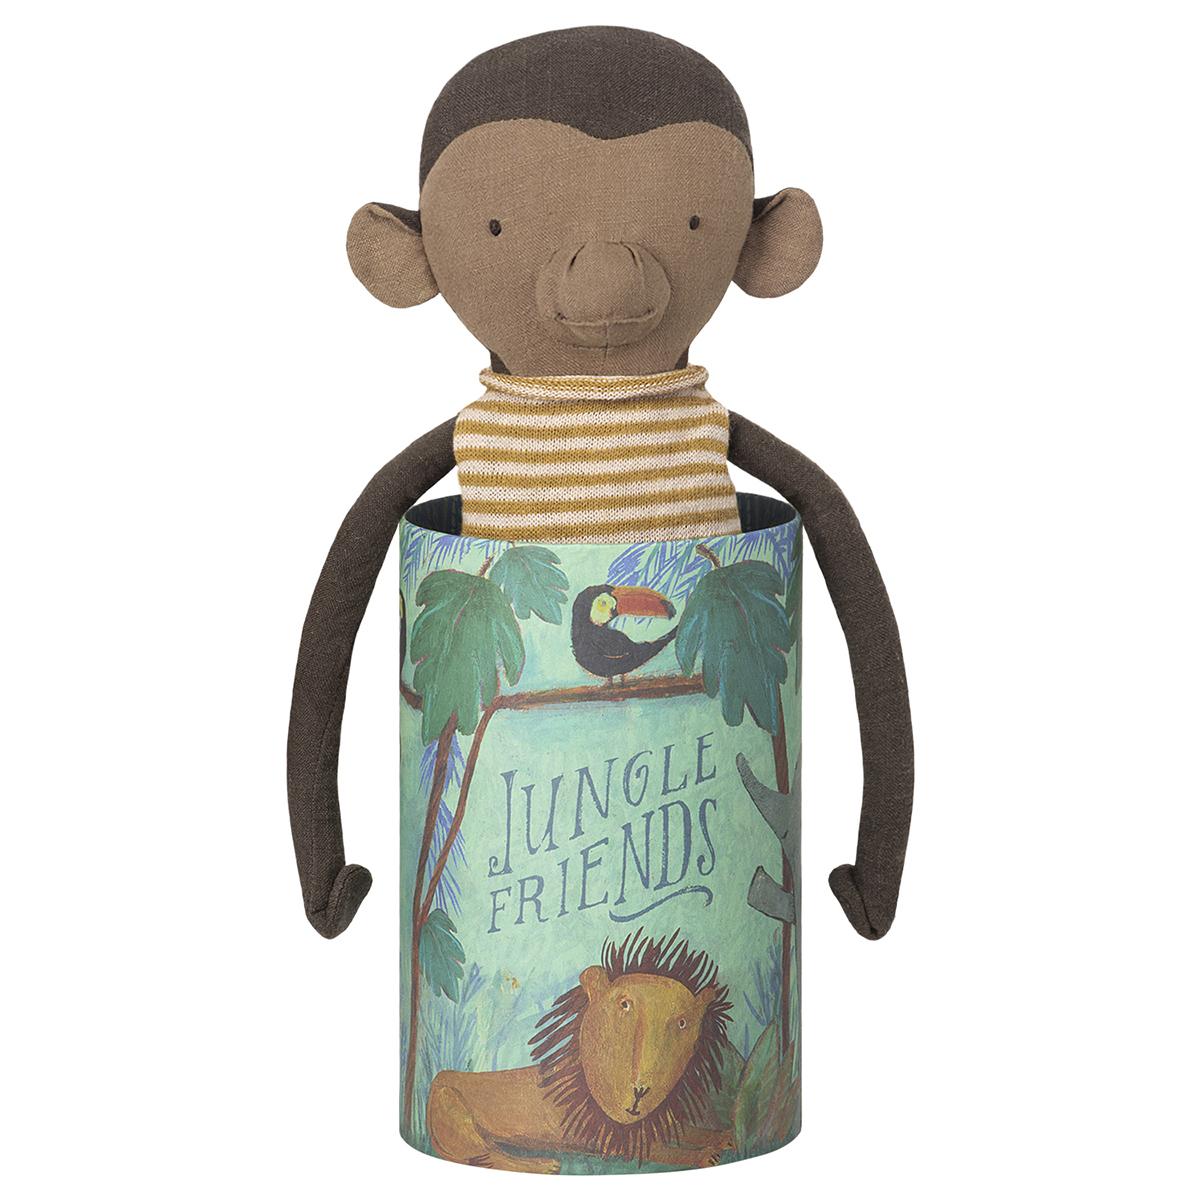 Peluche Peluche Singe Jungle Friends Monkey 38 cm Peluche Singe Jungle Friends Monkey 38 cm